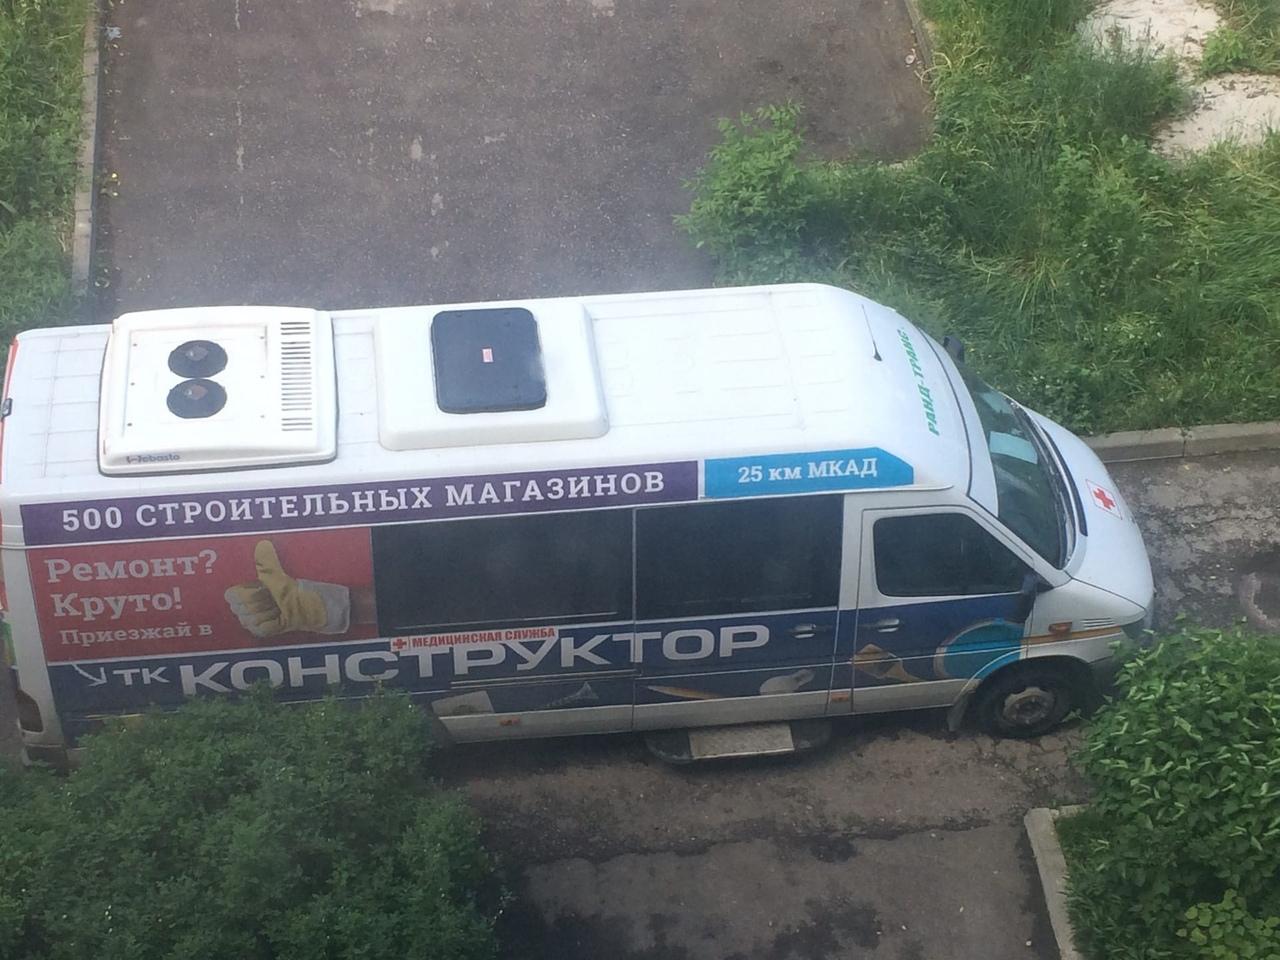 Машину скорой помощи, обклеенную рекламой...